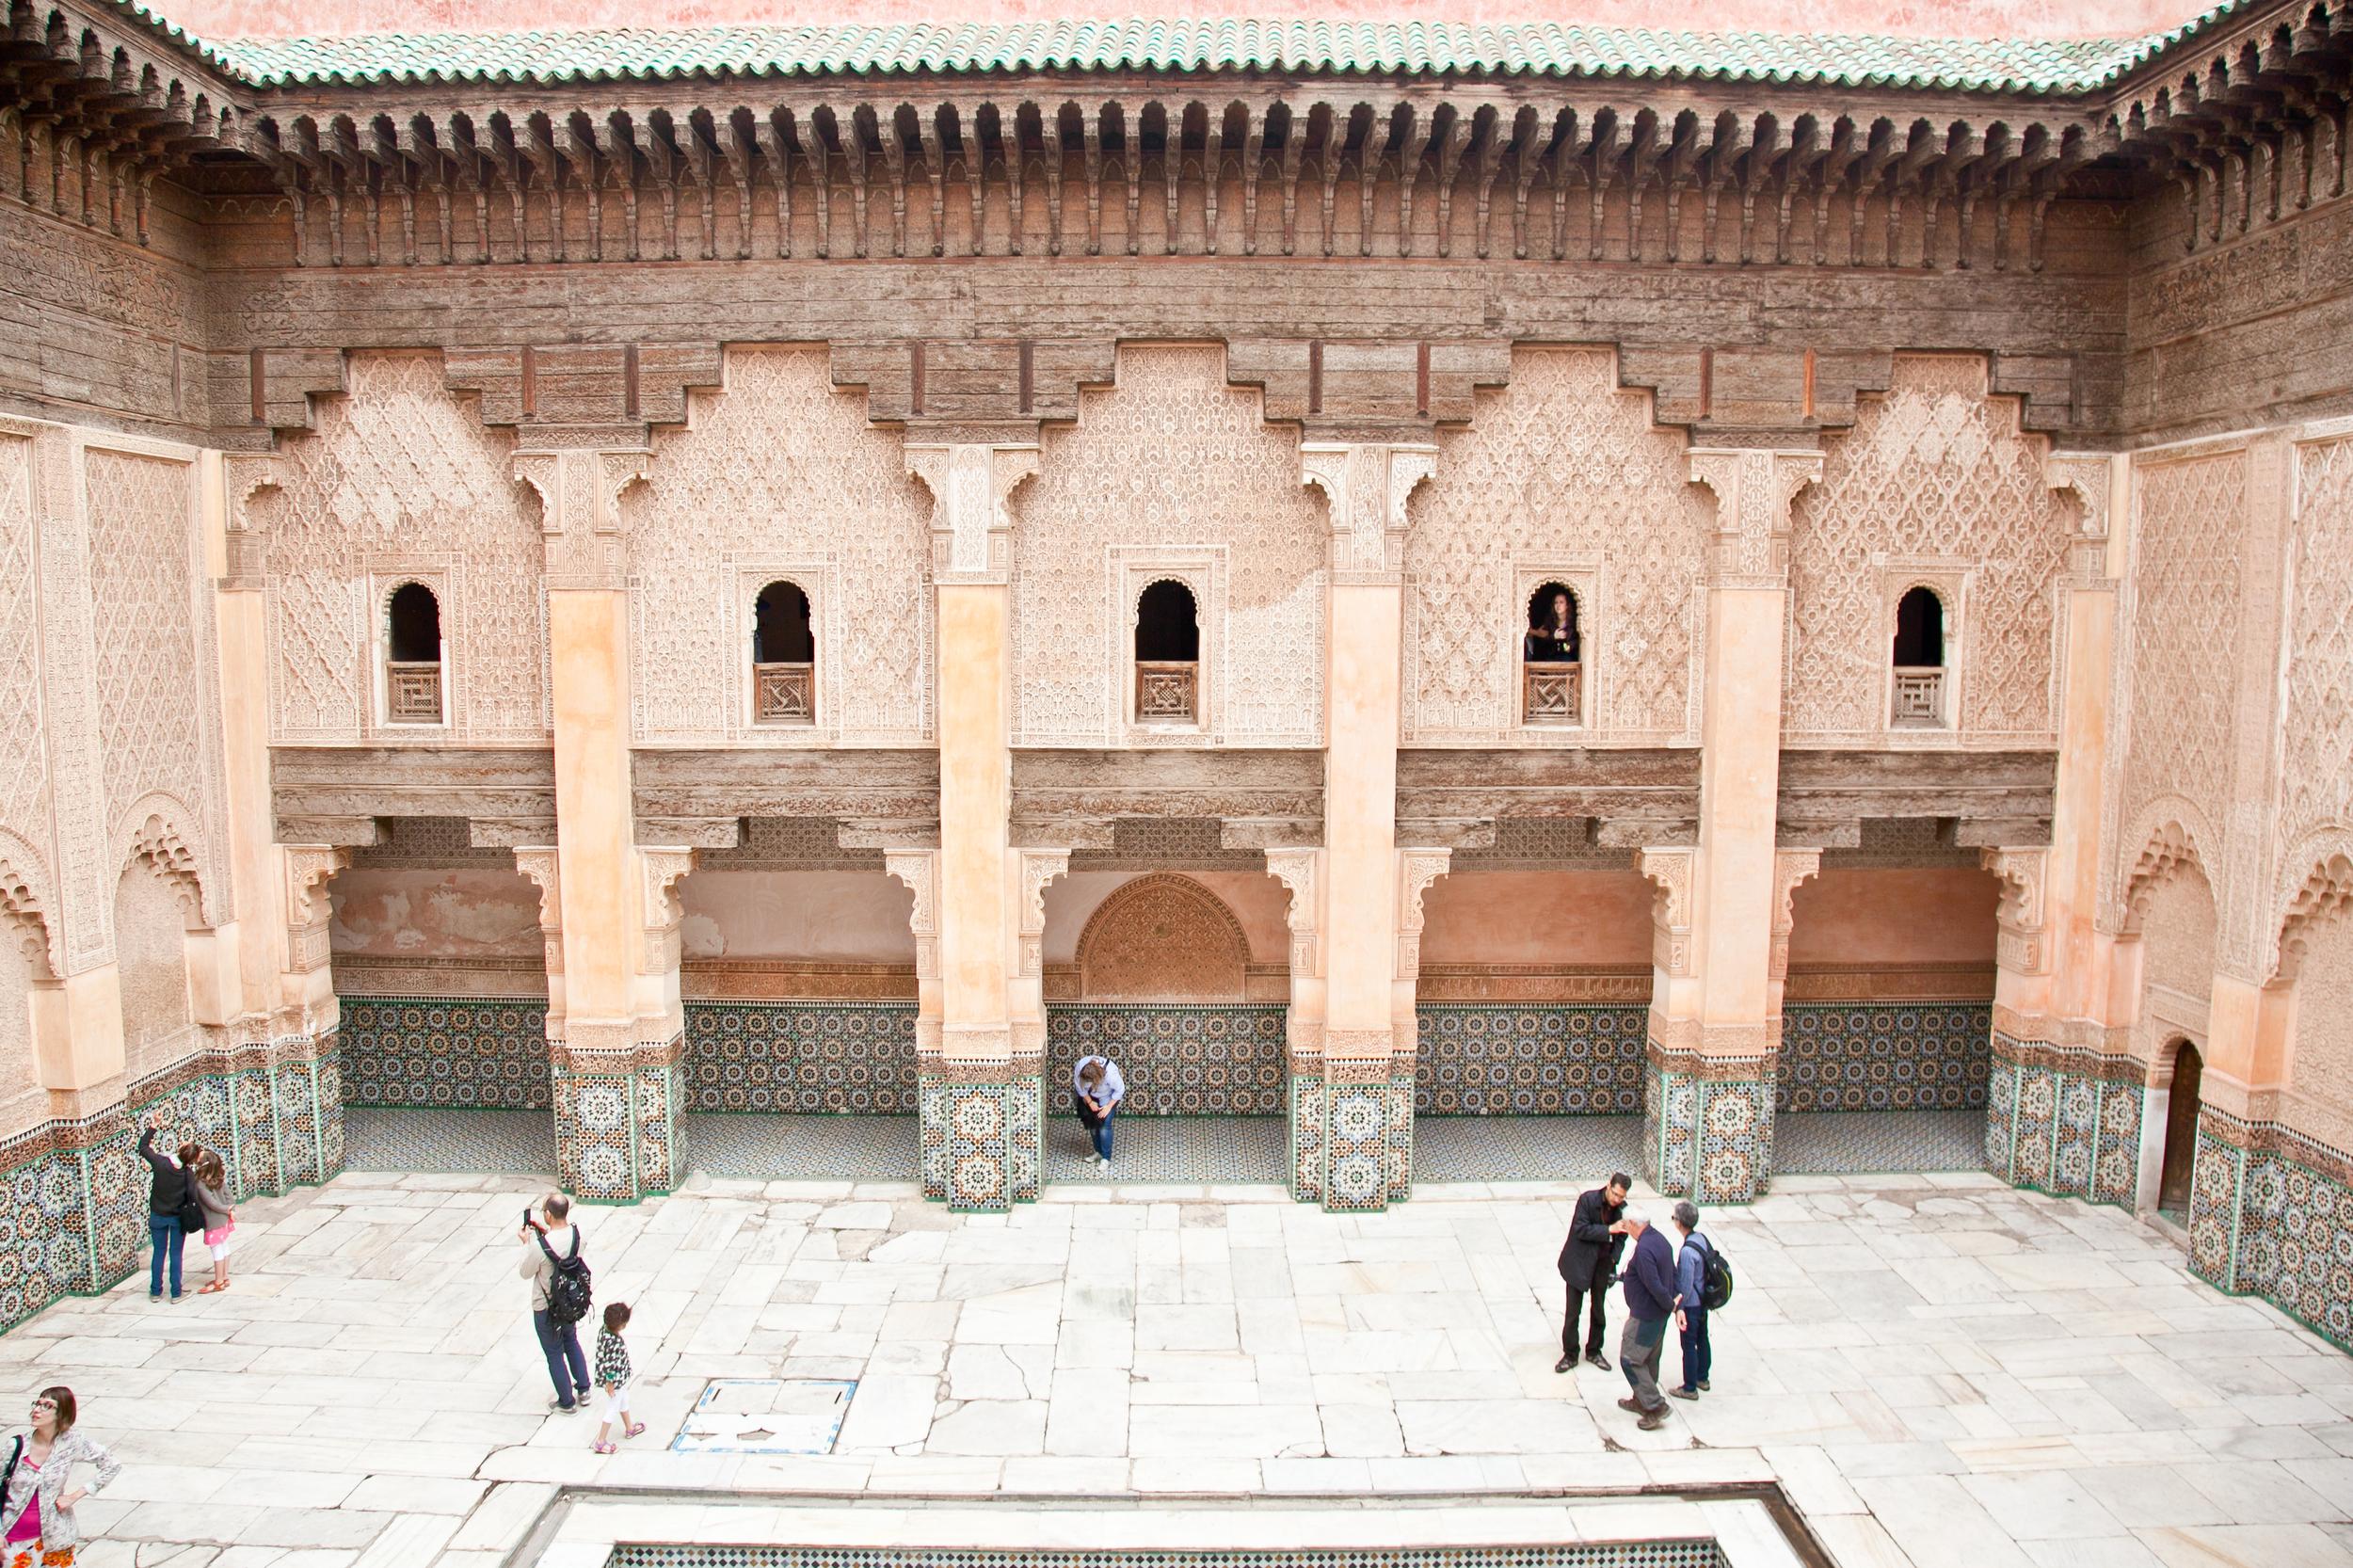 trisa-taro-marrakech-morocco-IMG_2889.jpg